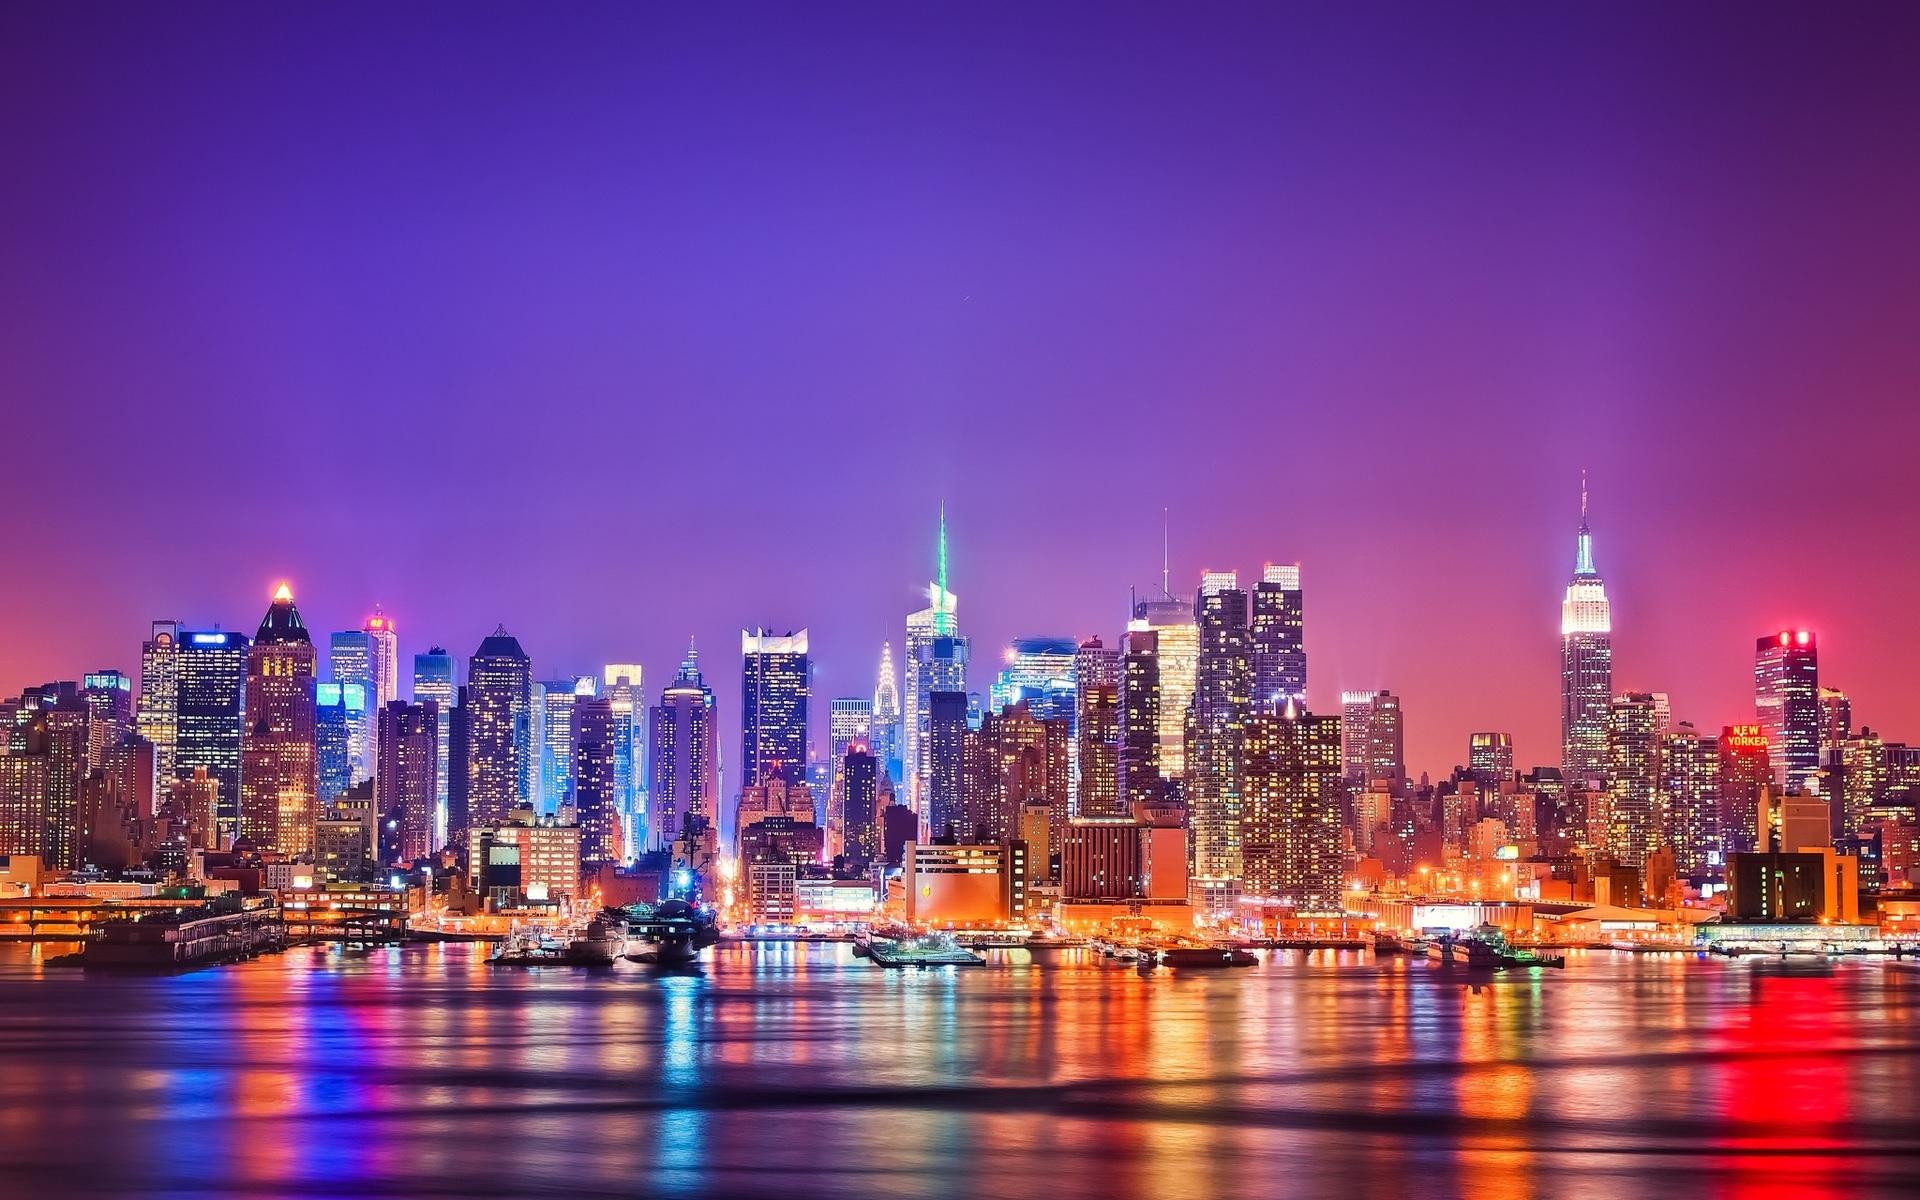 Огни Нью-Йорка, США